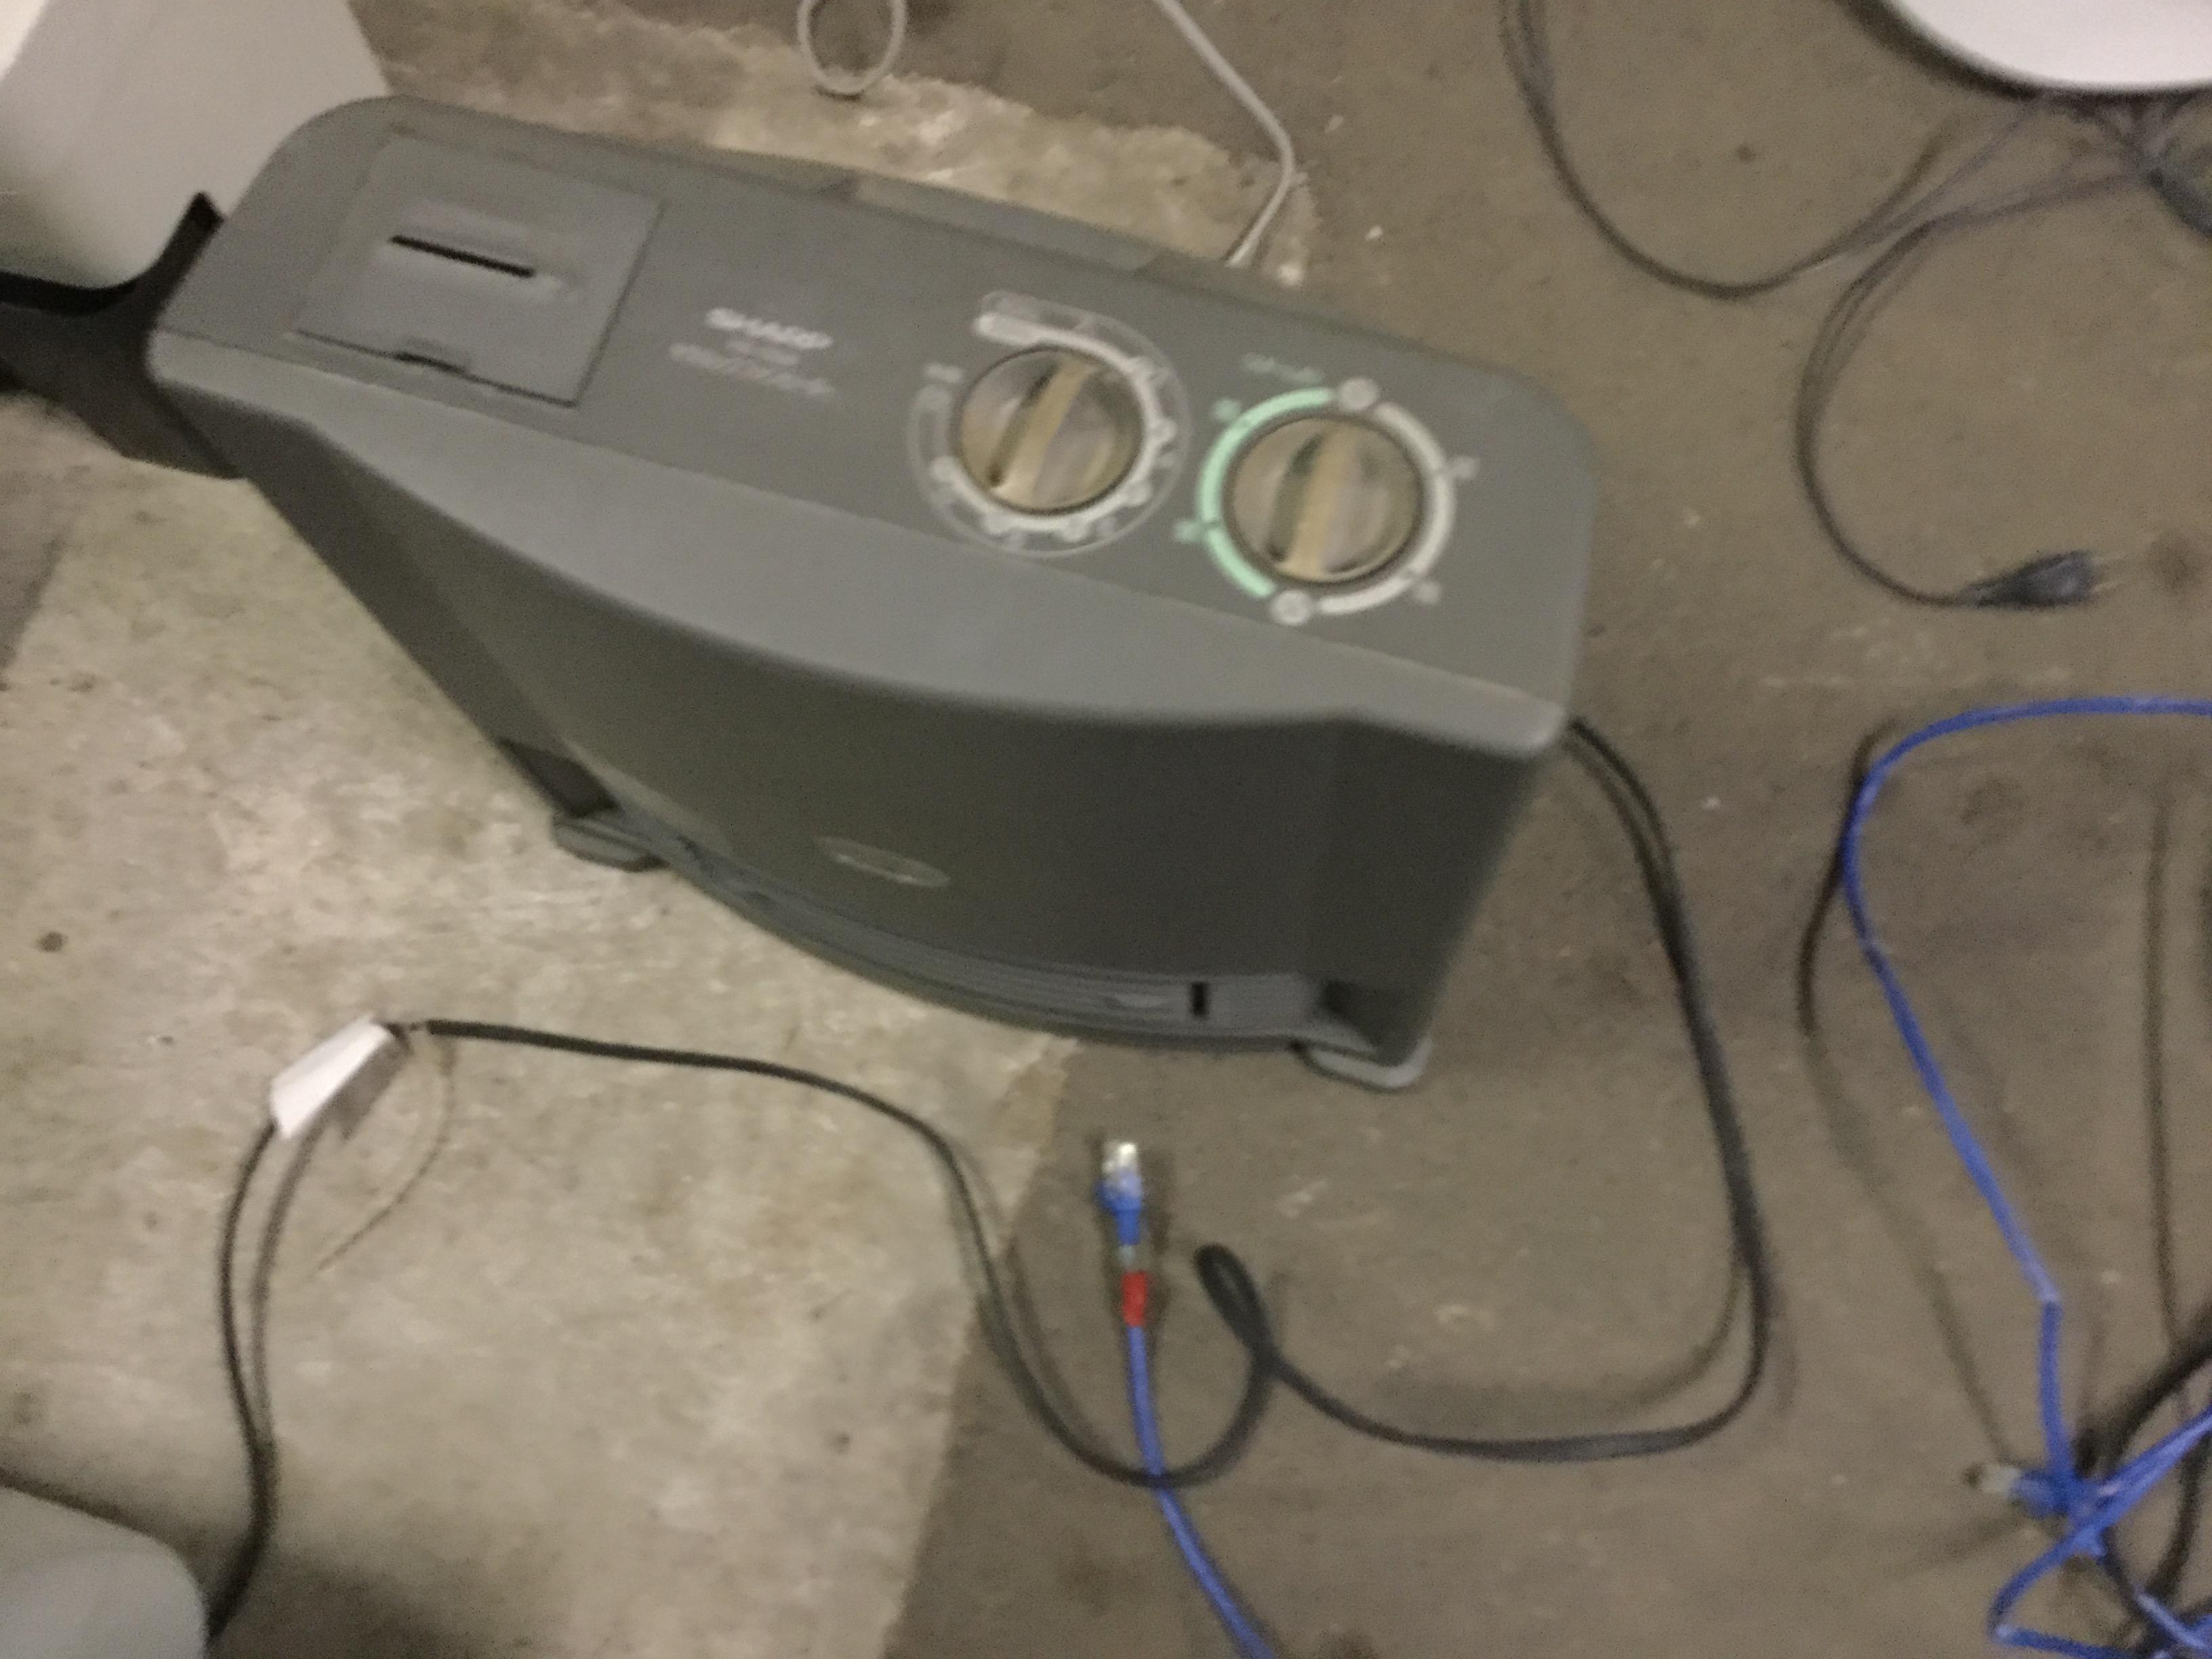 岡山市南区で不用品回収した空気清浄機